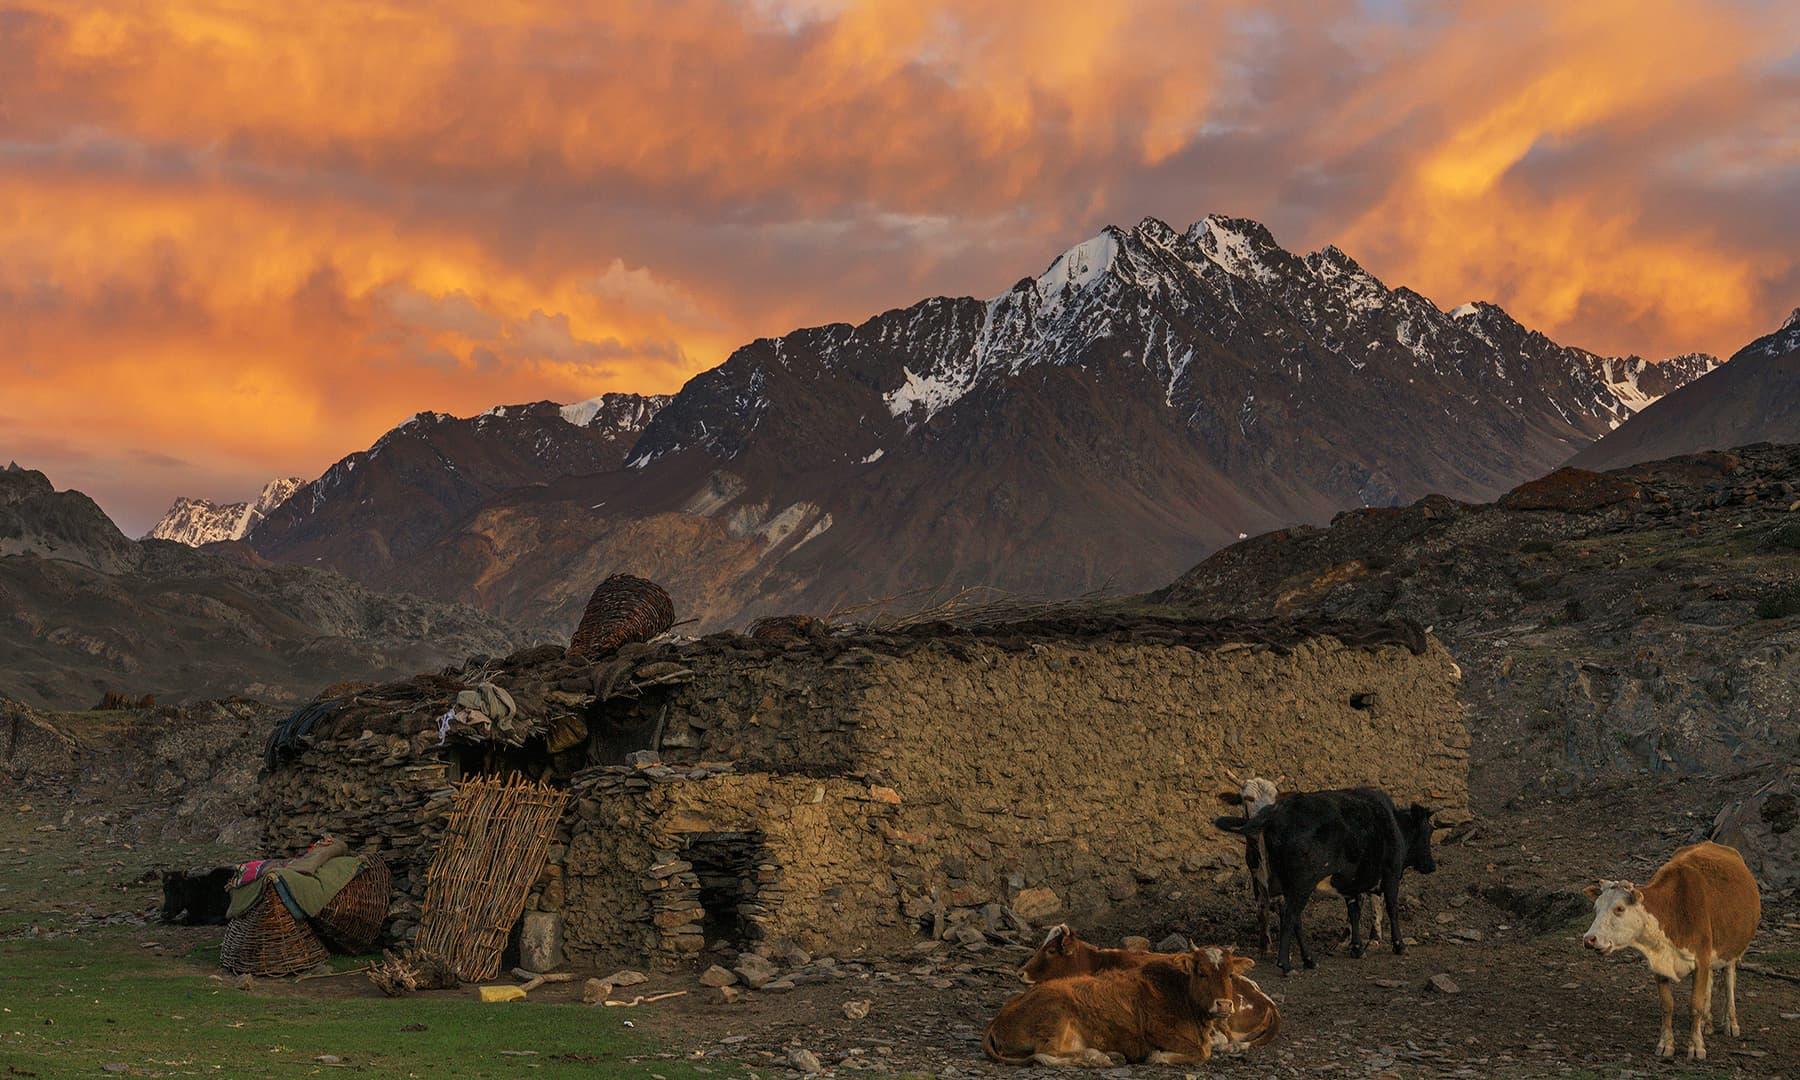 15 سے 16 گھروں پر مشتمل ایک چھوٹا سا گاؤں شوار شیر—سید مہدی بخاری